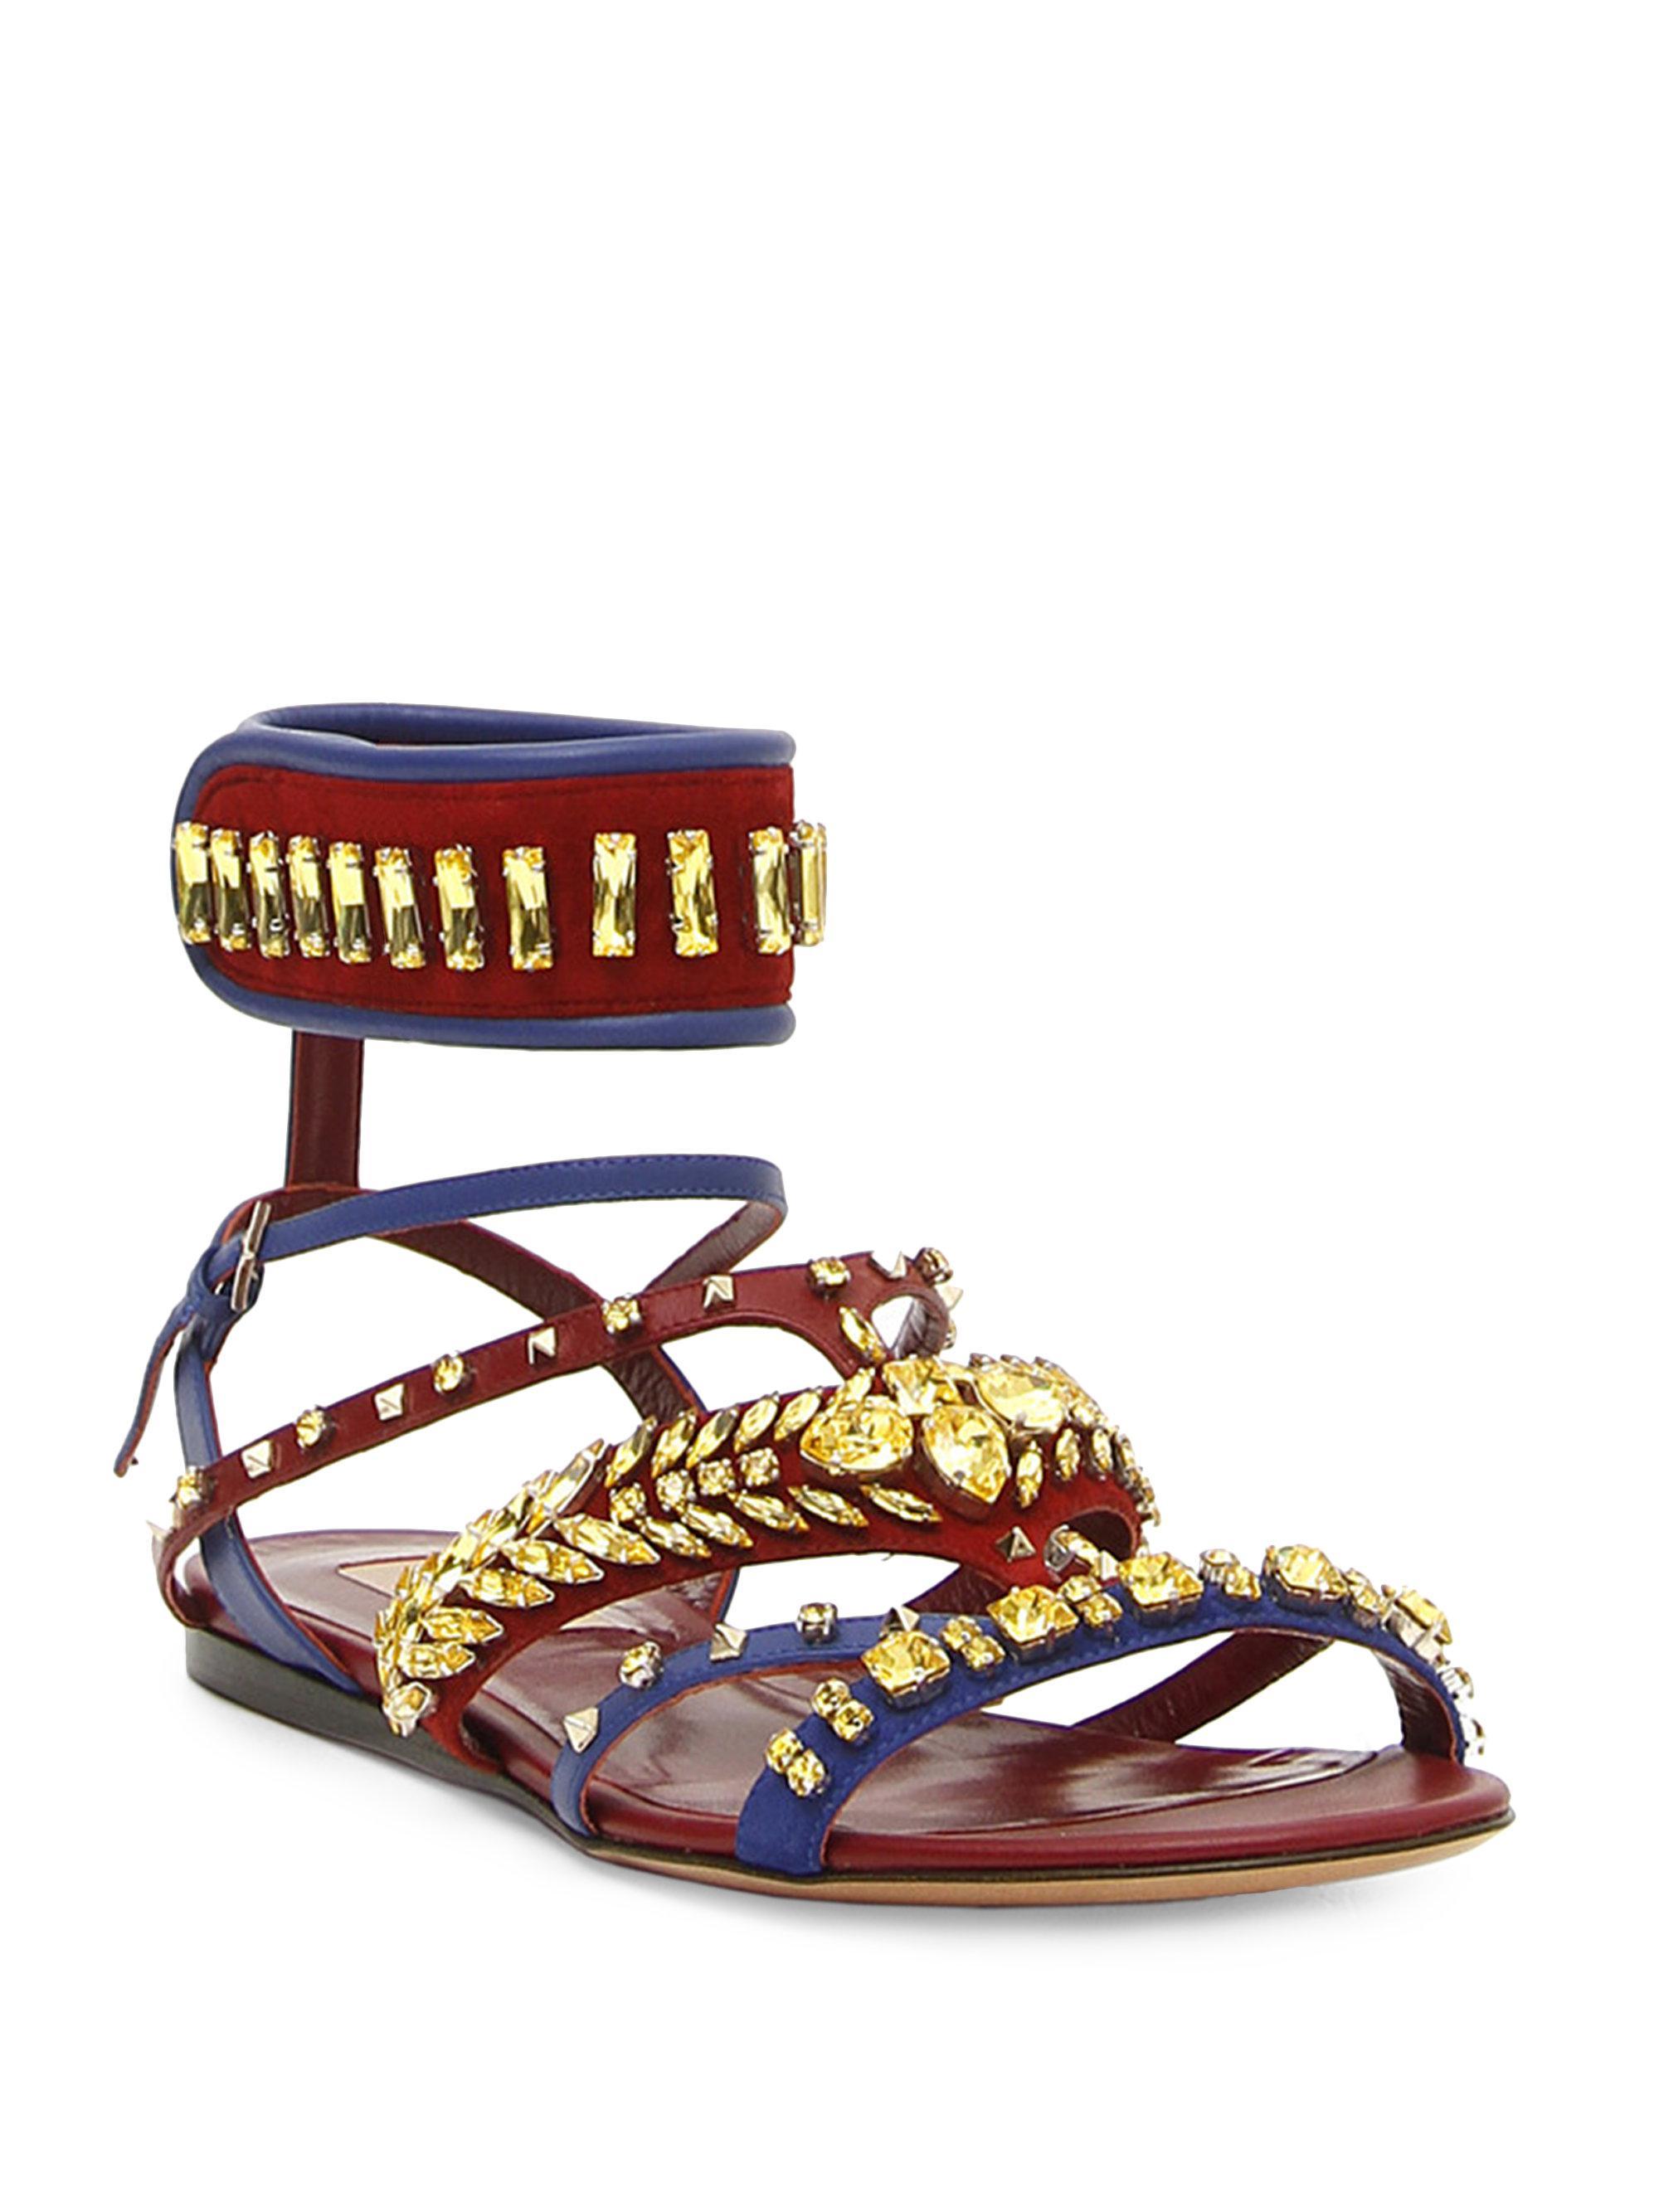 Valentino V. Odissey Gladiator Sandals kMpDTZvL